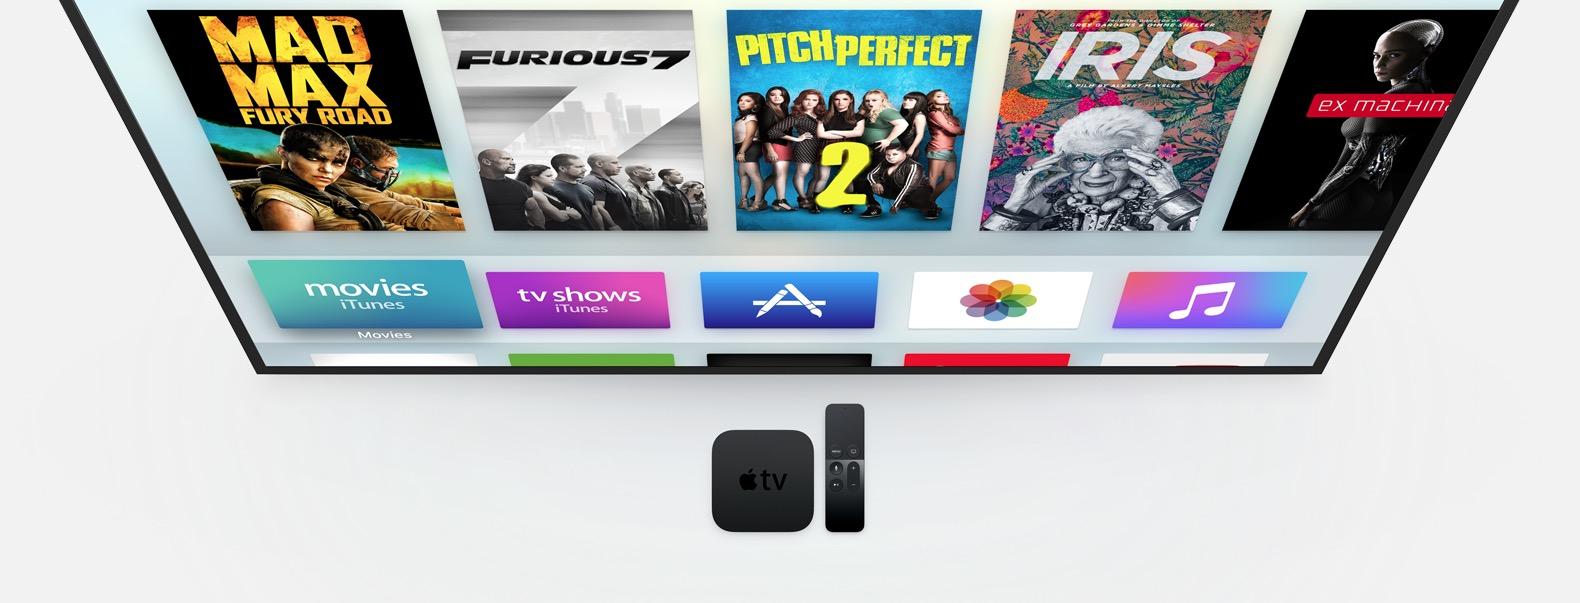 Apple TV: prezzo, caratteristiche e data di uscita - OverPress